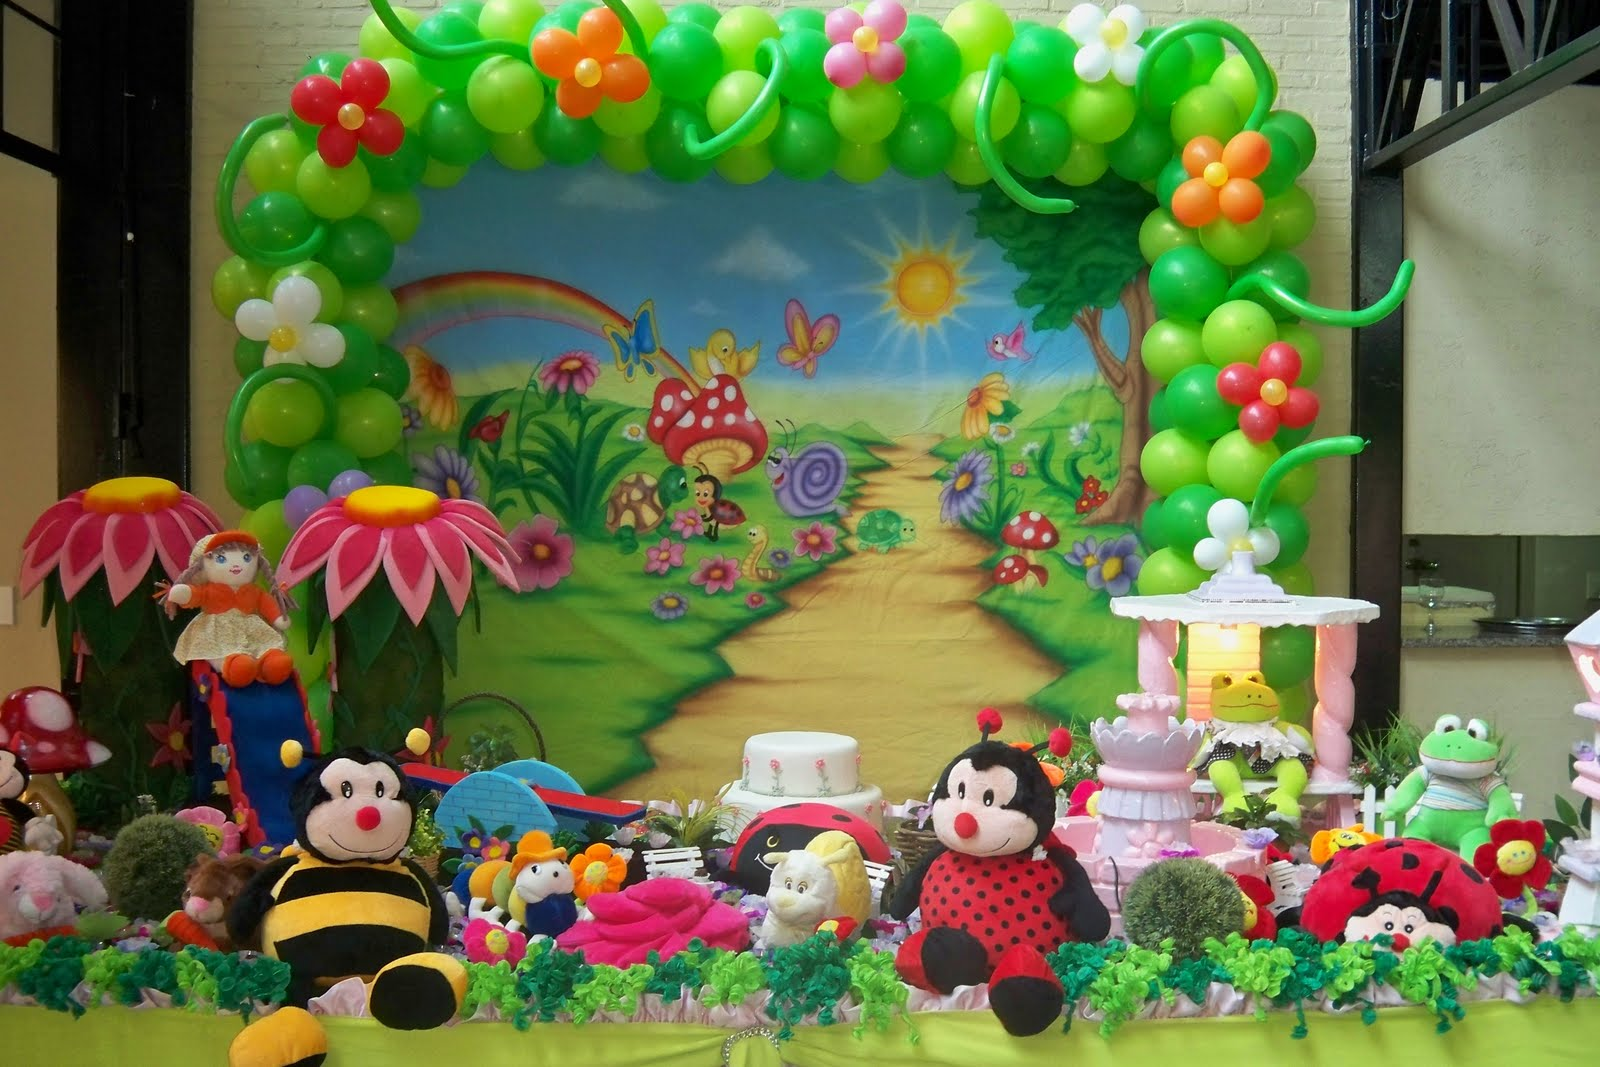 festa infantil tema o jardim : festa infantil tema o jardim:KZA Colde festas – por que nos contratar: FESTA DO JARDIM ENCANTADO